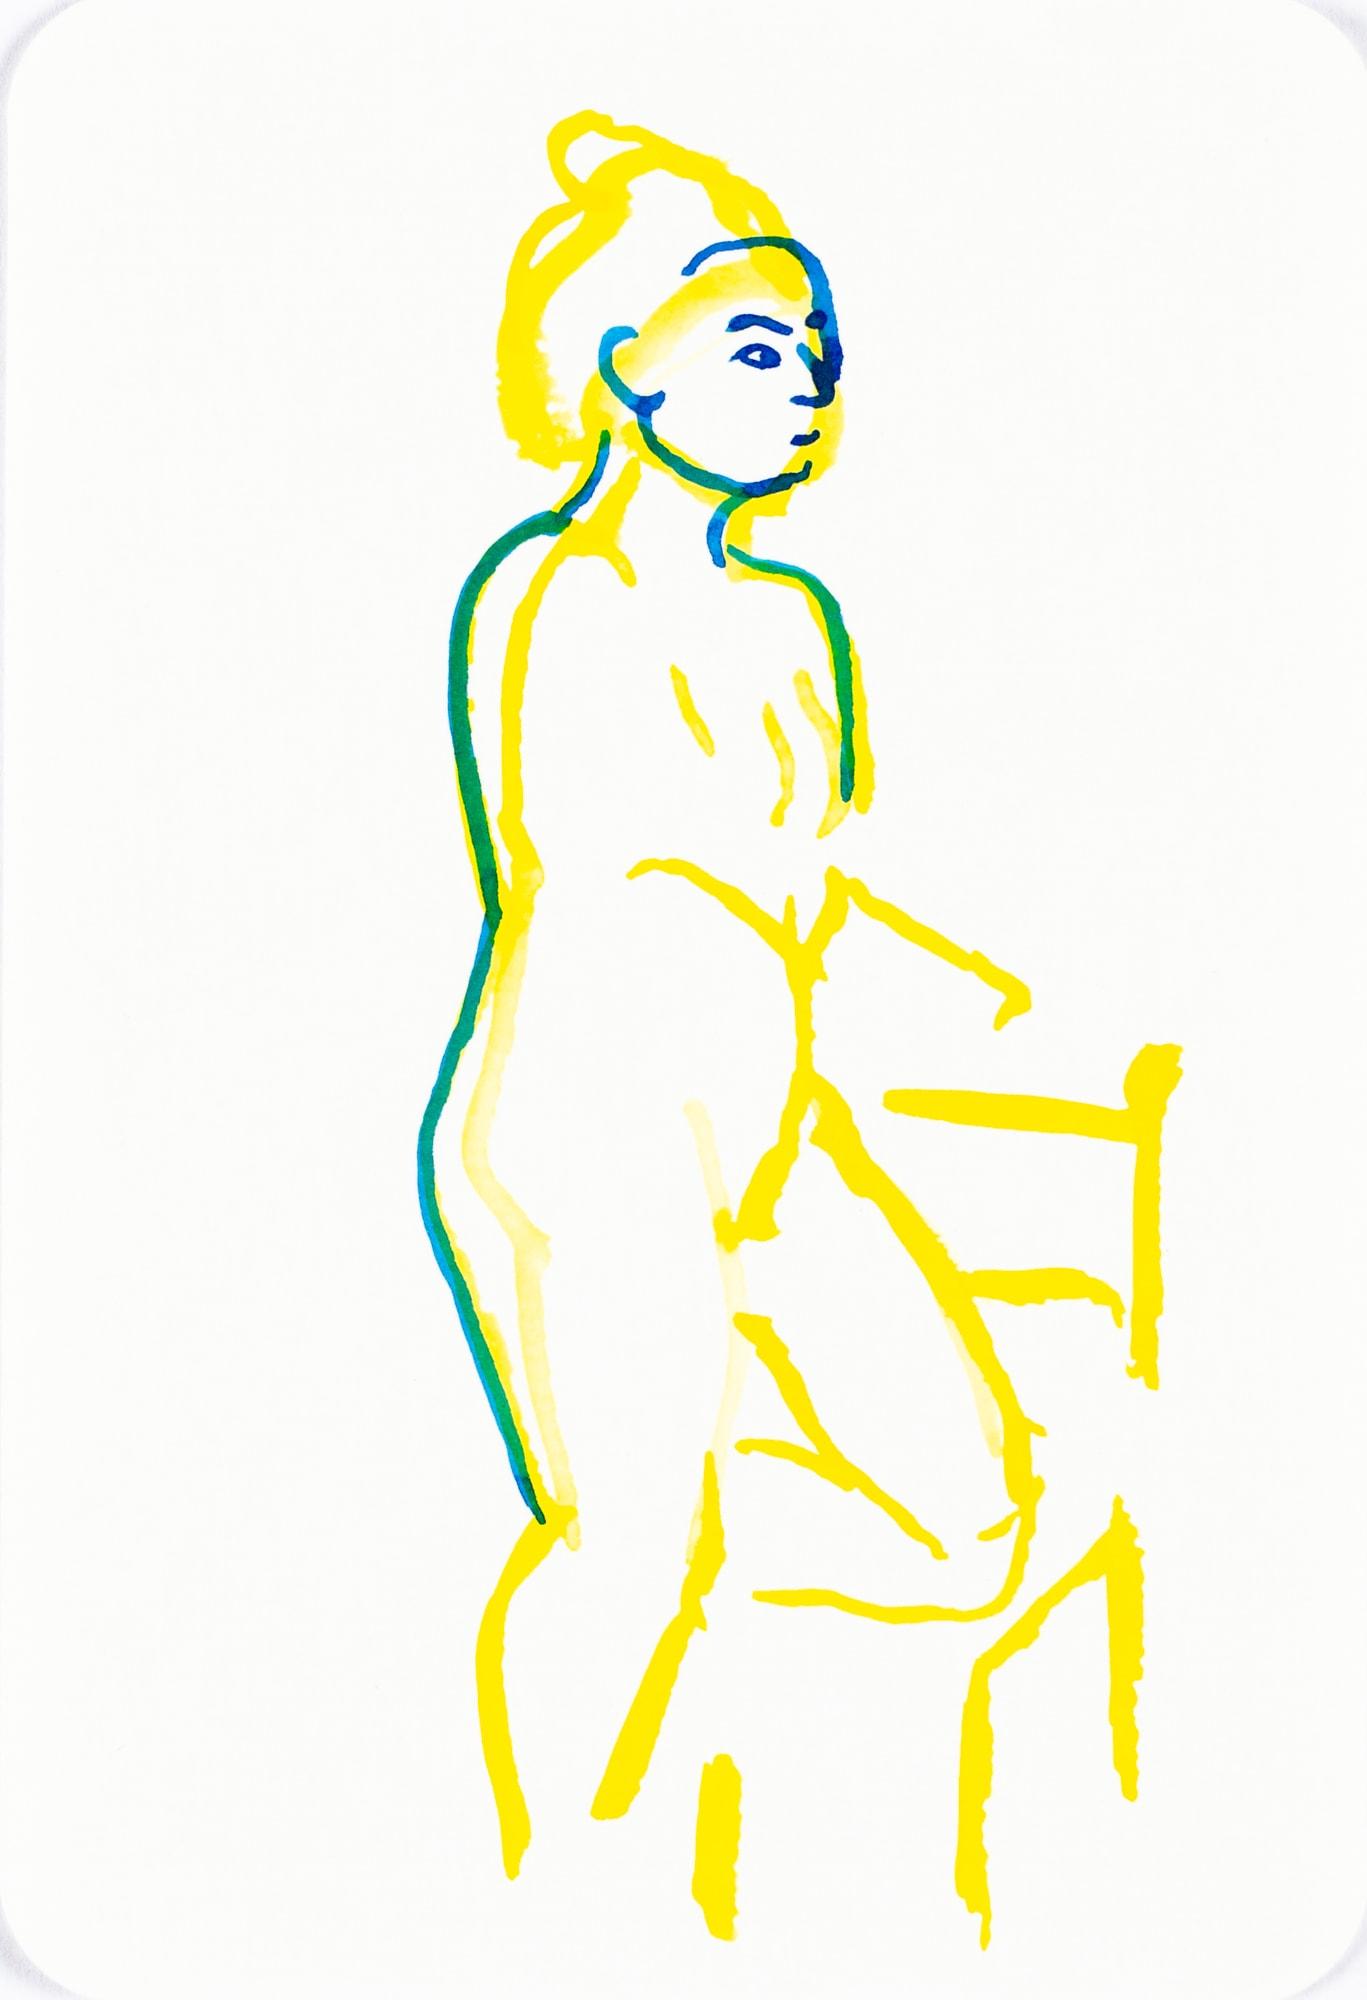 Zeichnung, Tusche auf Papier, 10,4cm x 15,3cm, Akt, artist: Franziska King